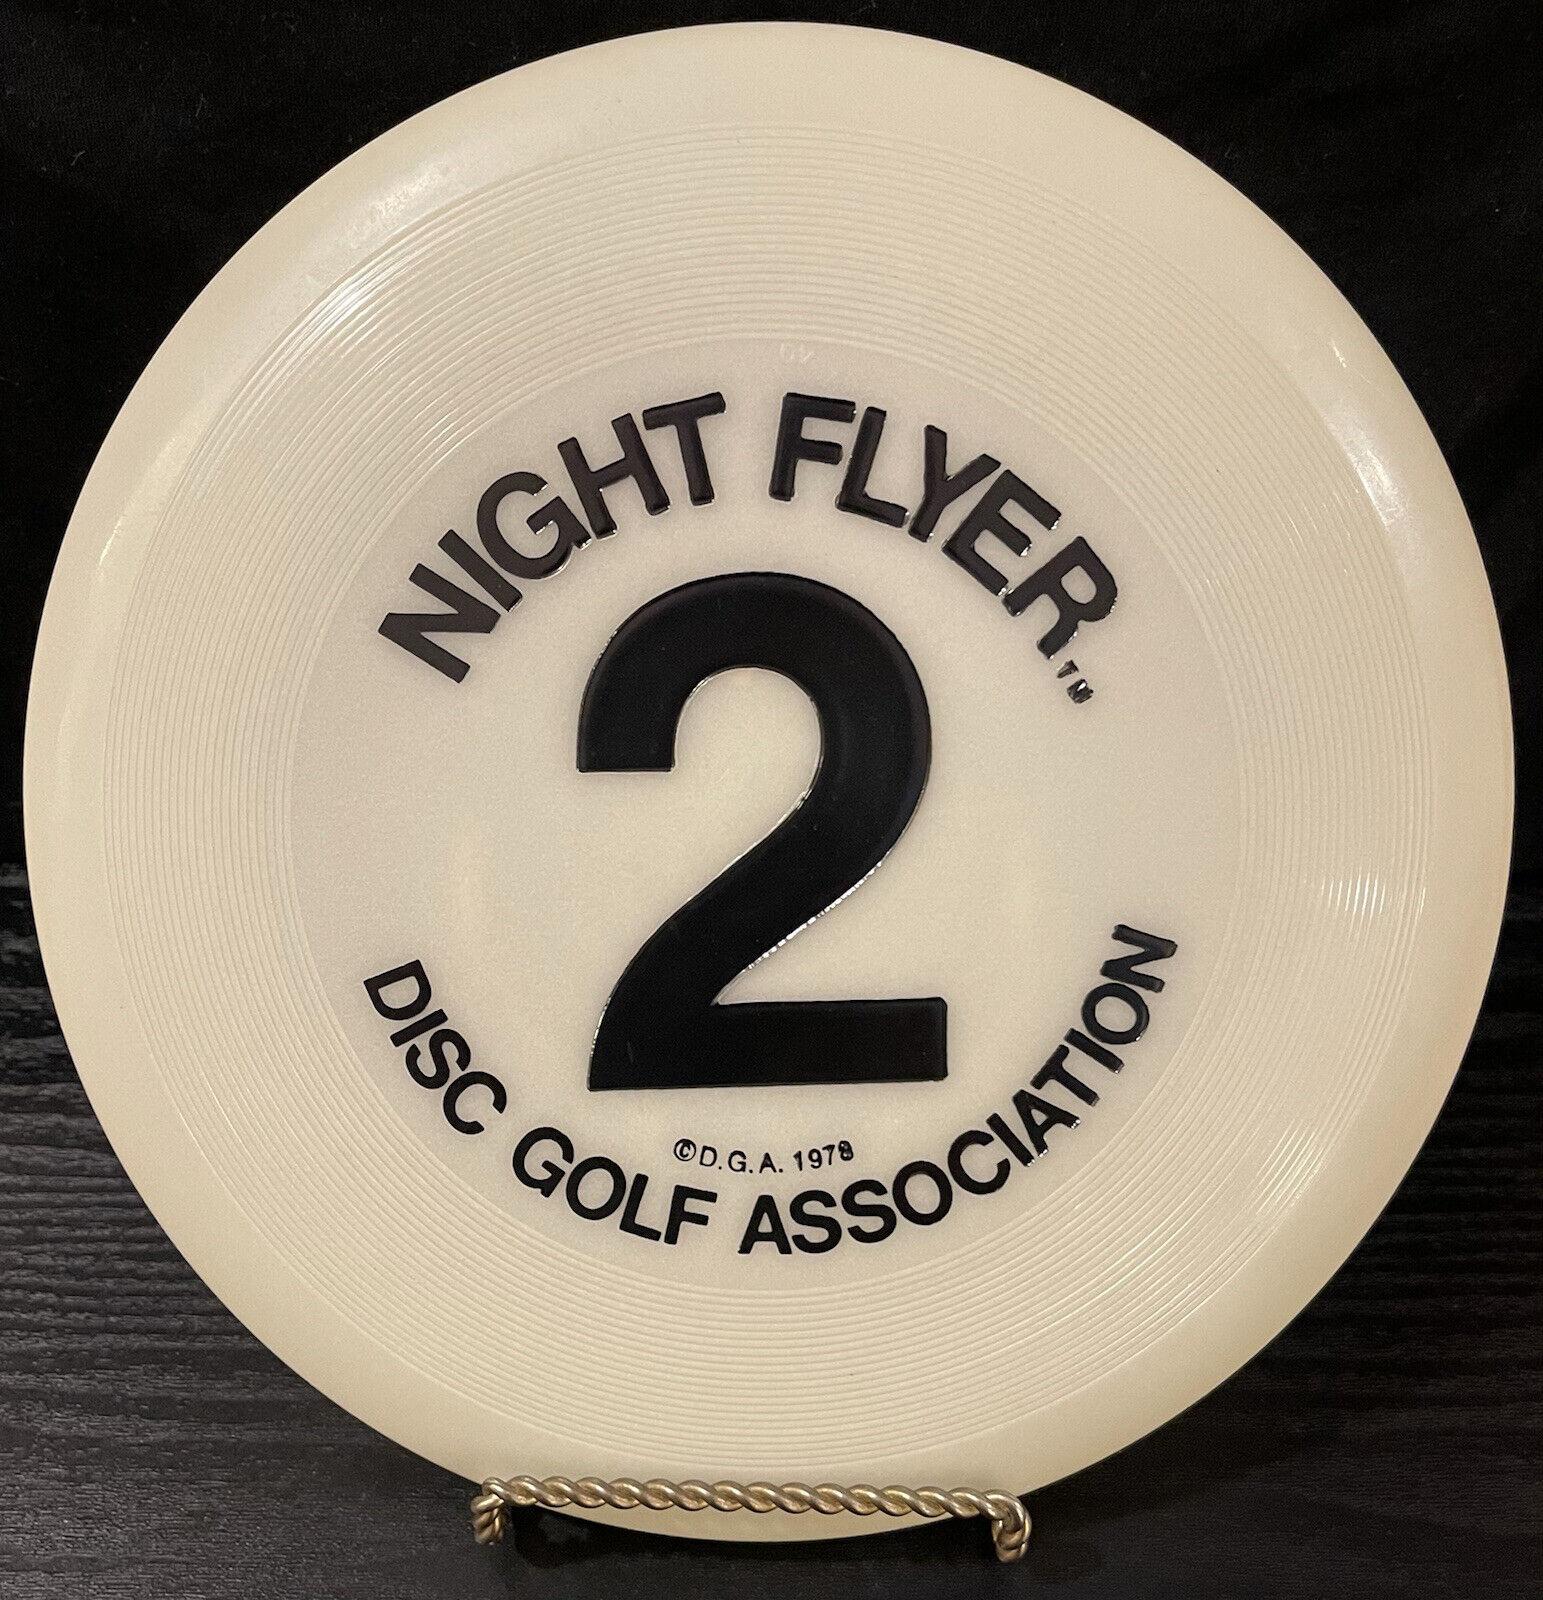 Night Flyer Frisbee Golf Disc Flying Disc Disc Golf Associat